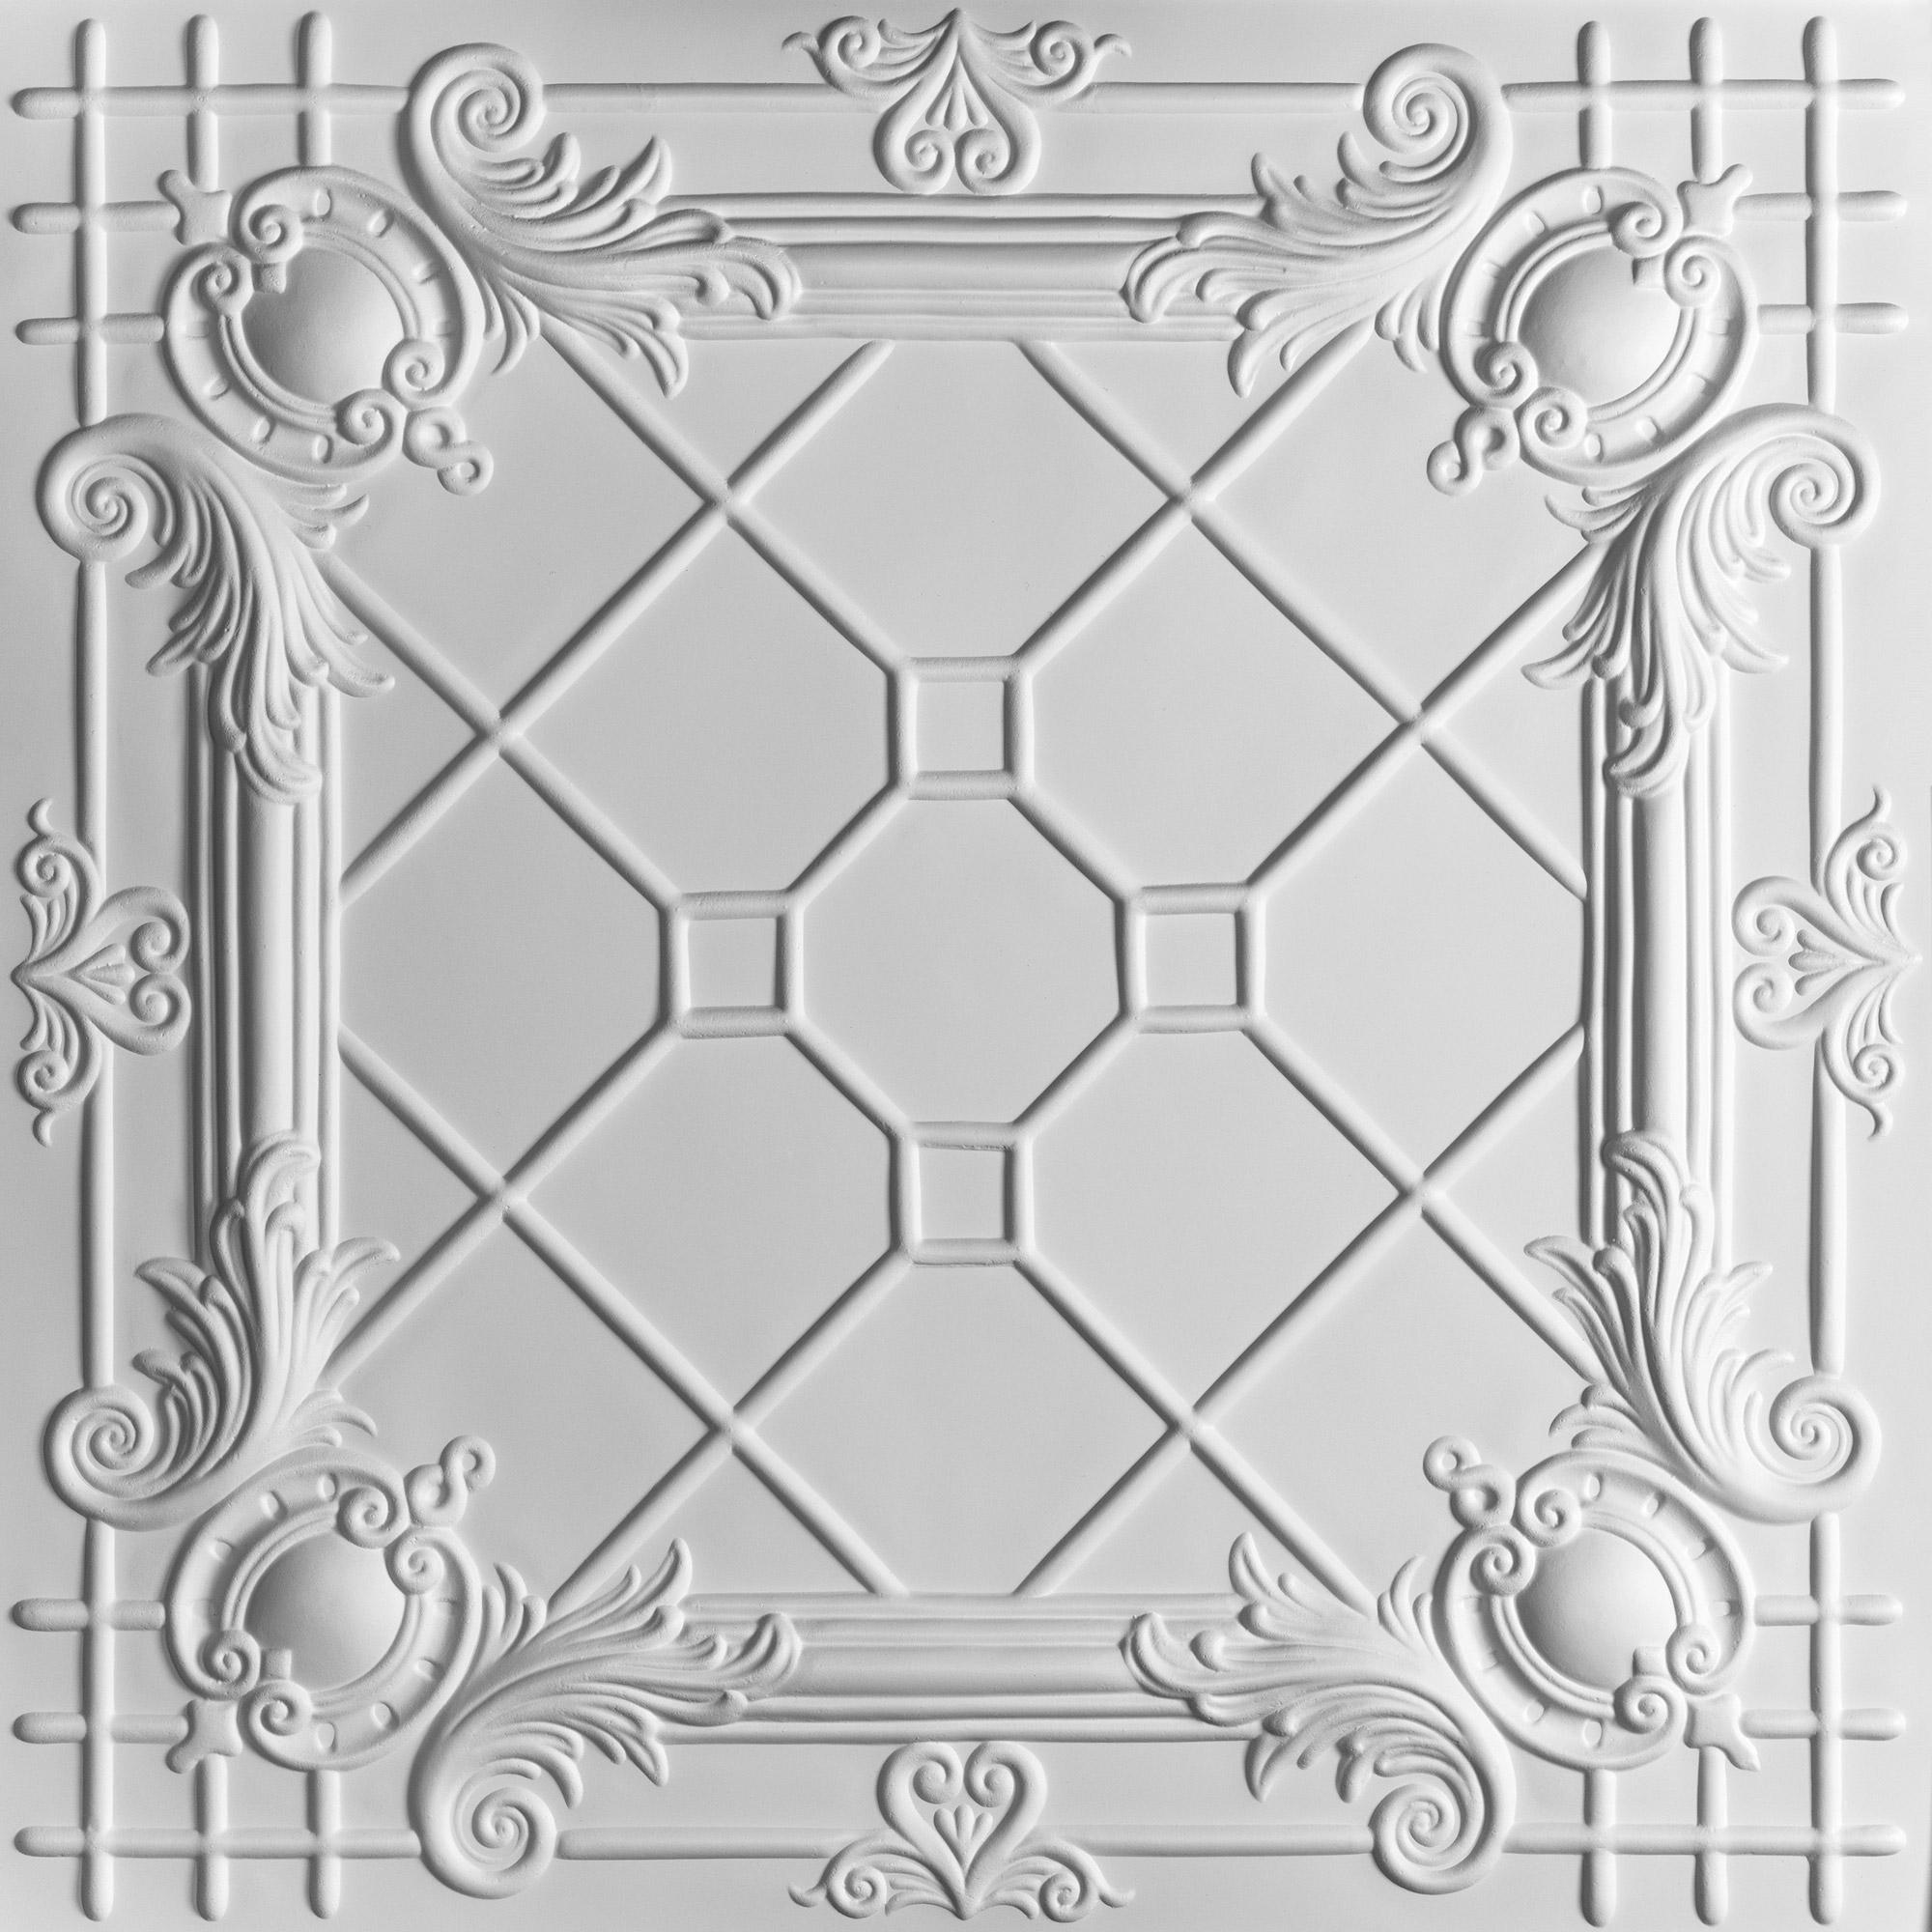 Bentley Ceiling Tiles